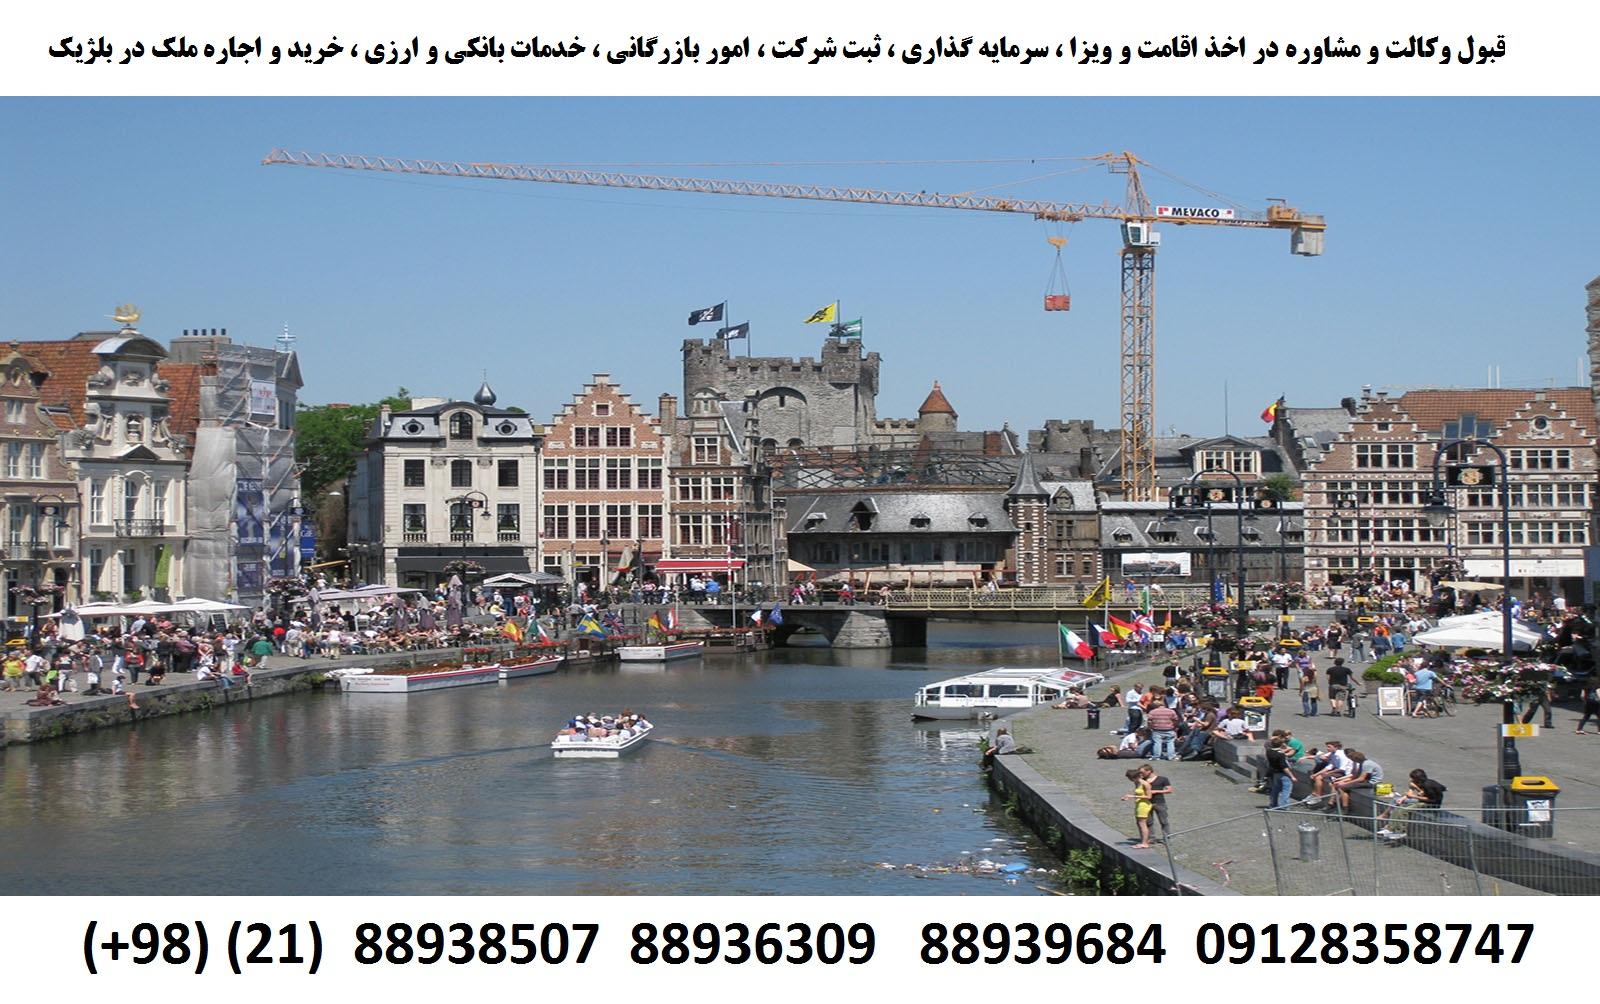 اقامت ، ویزا ، ثبت شرکت ، سرمایه گذاری در بلژیک (2)